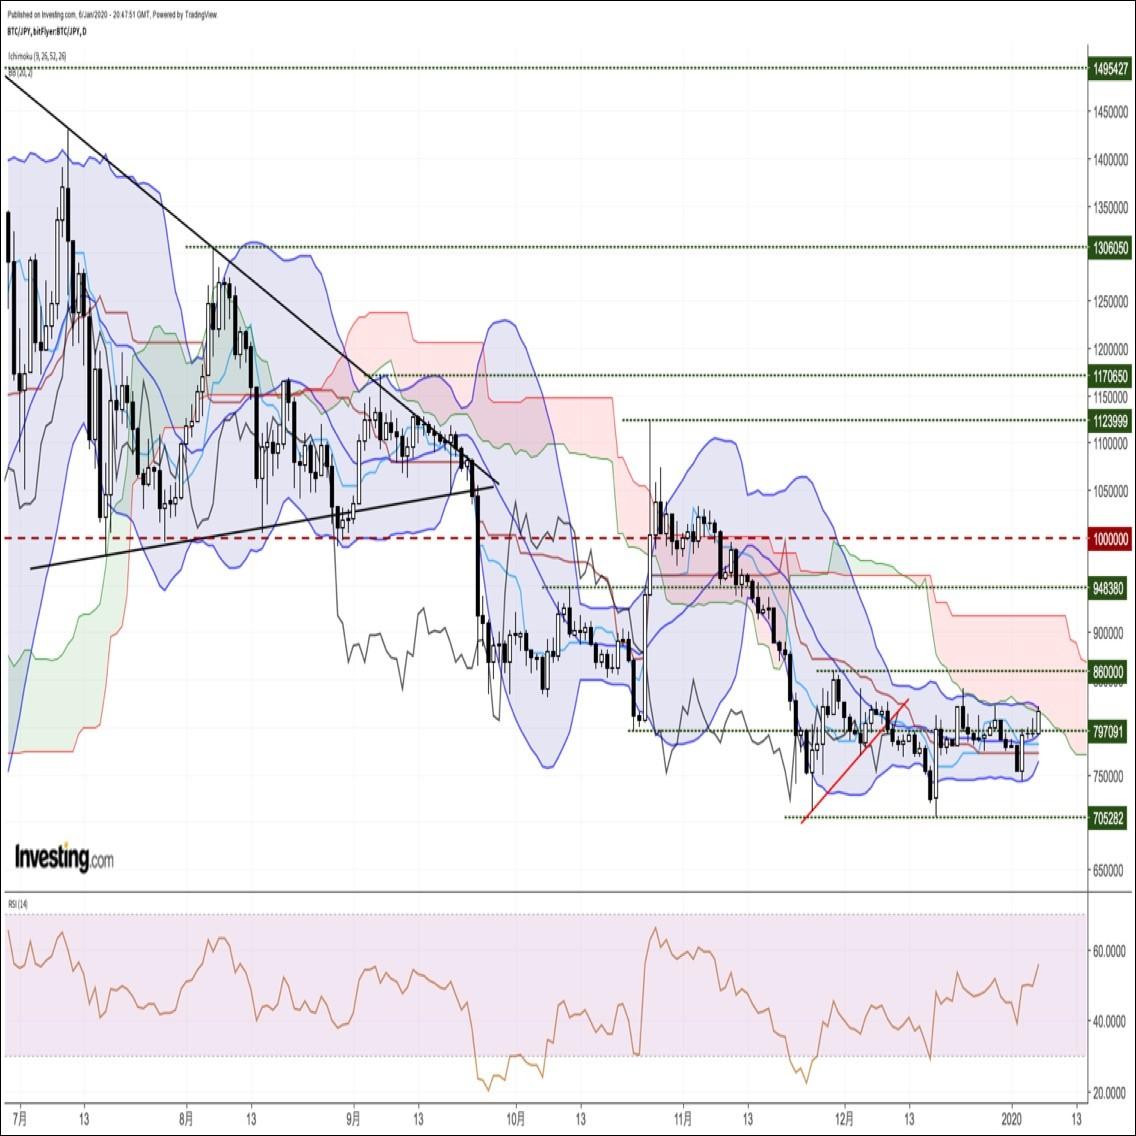 ビットコイン円、一時下落するもアルトコインの急伸に連れて再び上昇。1週間ぶり高値圏へ